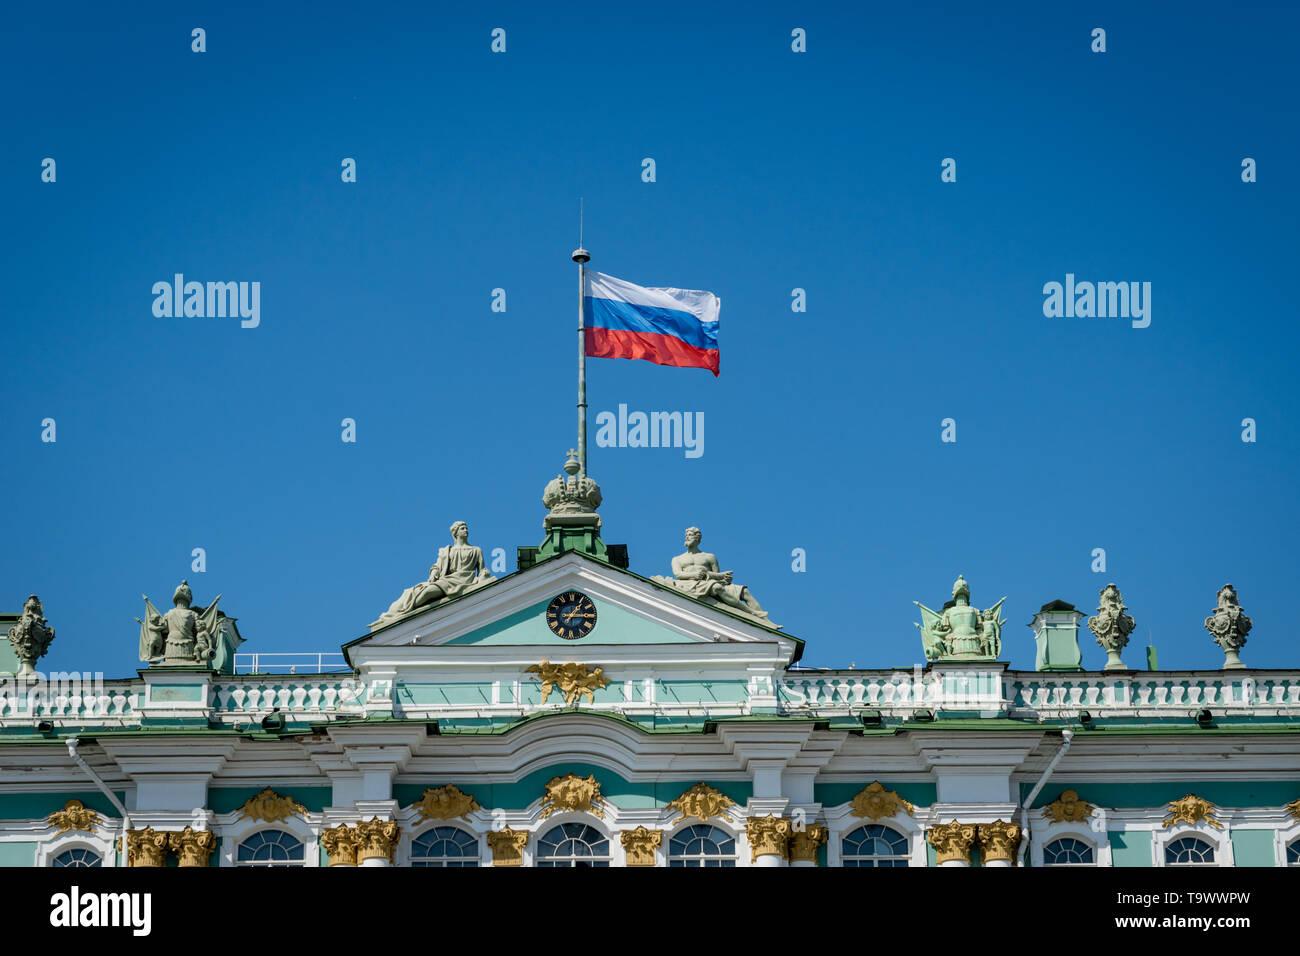 Bandiera russa sventolare sulla sommità del Museo Hermitage di San Pietroburgo, Russia - bandiera della Federazione russa. Foto Stock